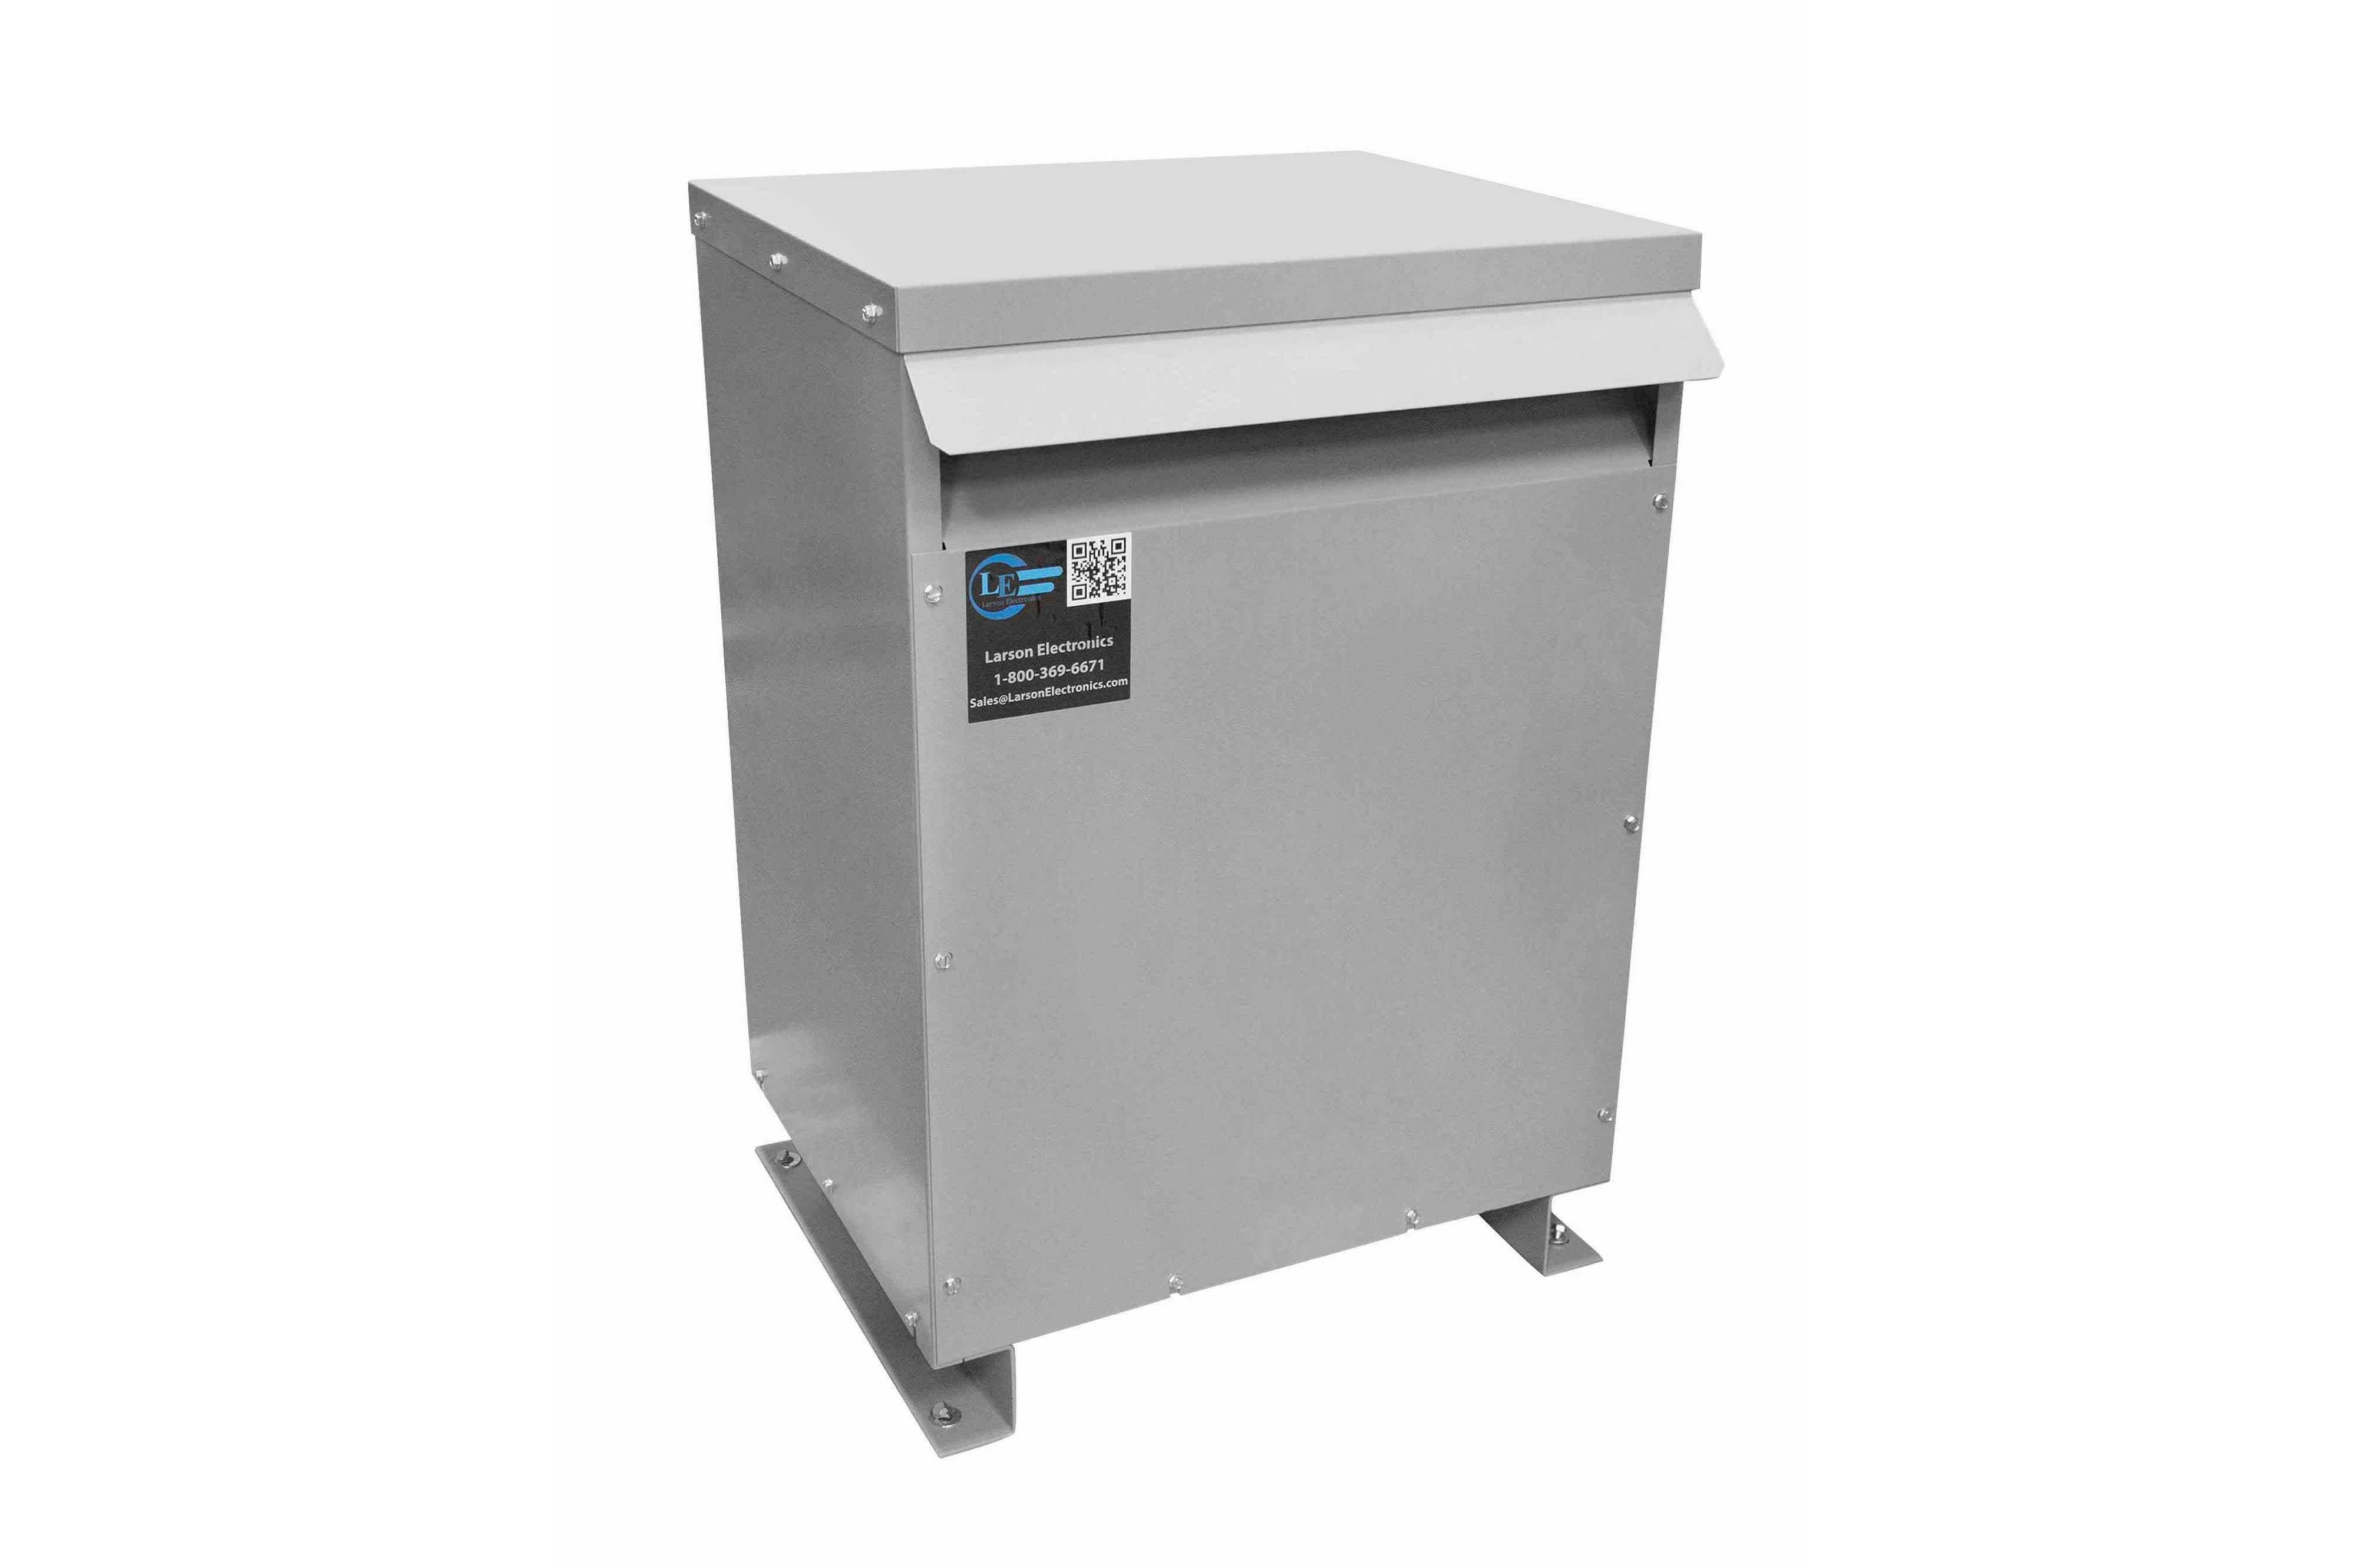 700 kVA 3PH Isolation Transformer, 415V Delta Primary, 208V Delta Secondary, N3R, Ventilated, 60 Hz